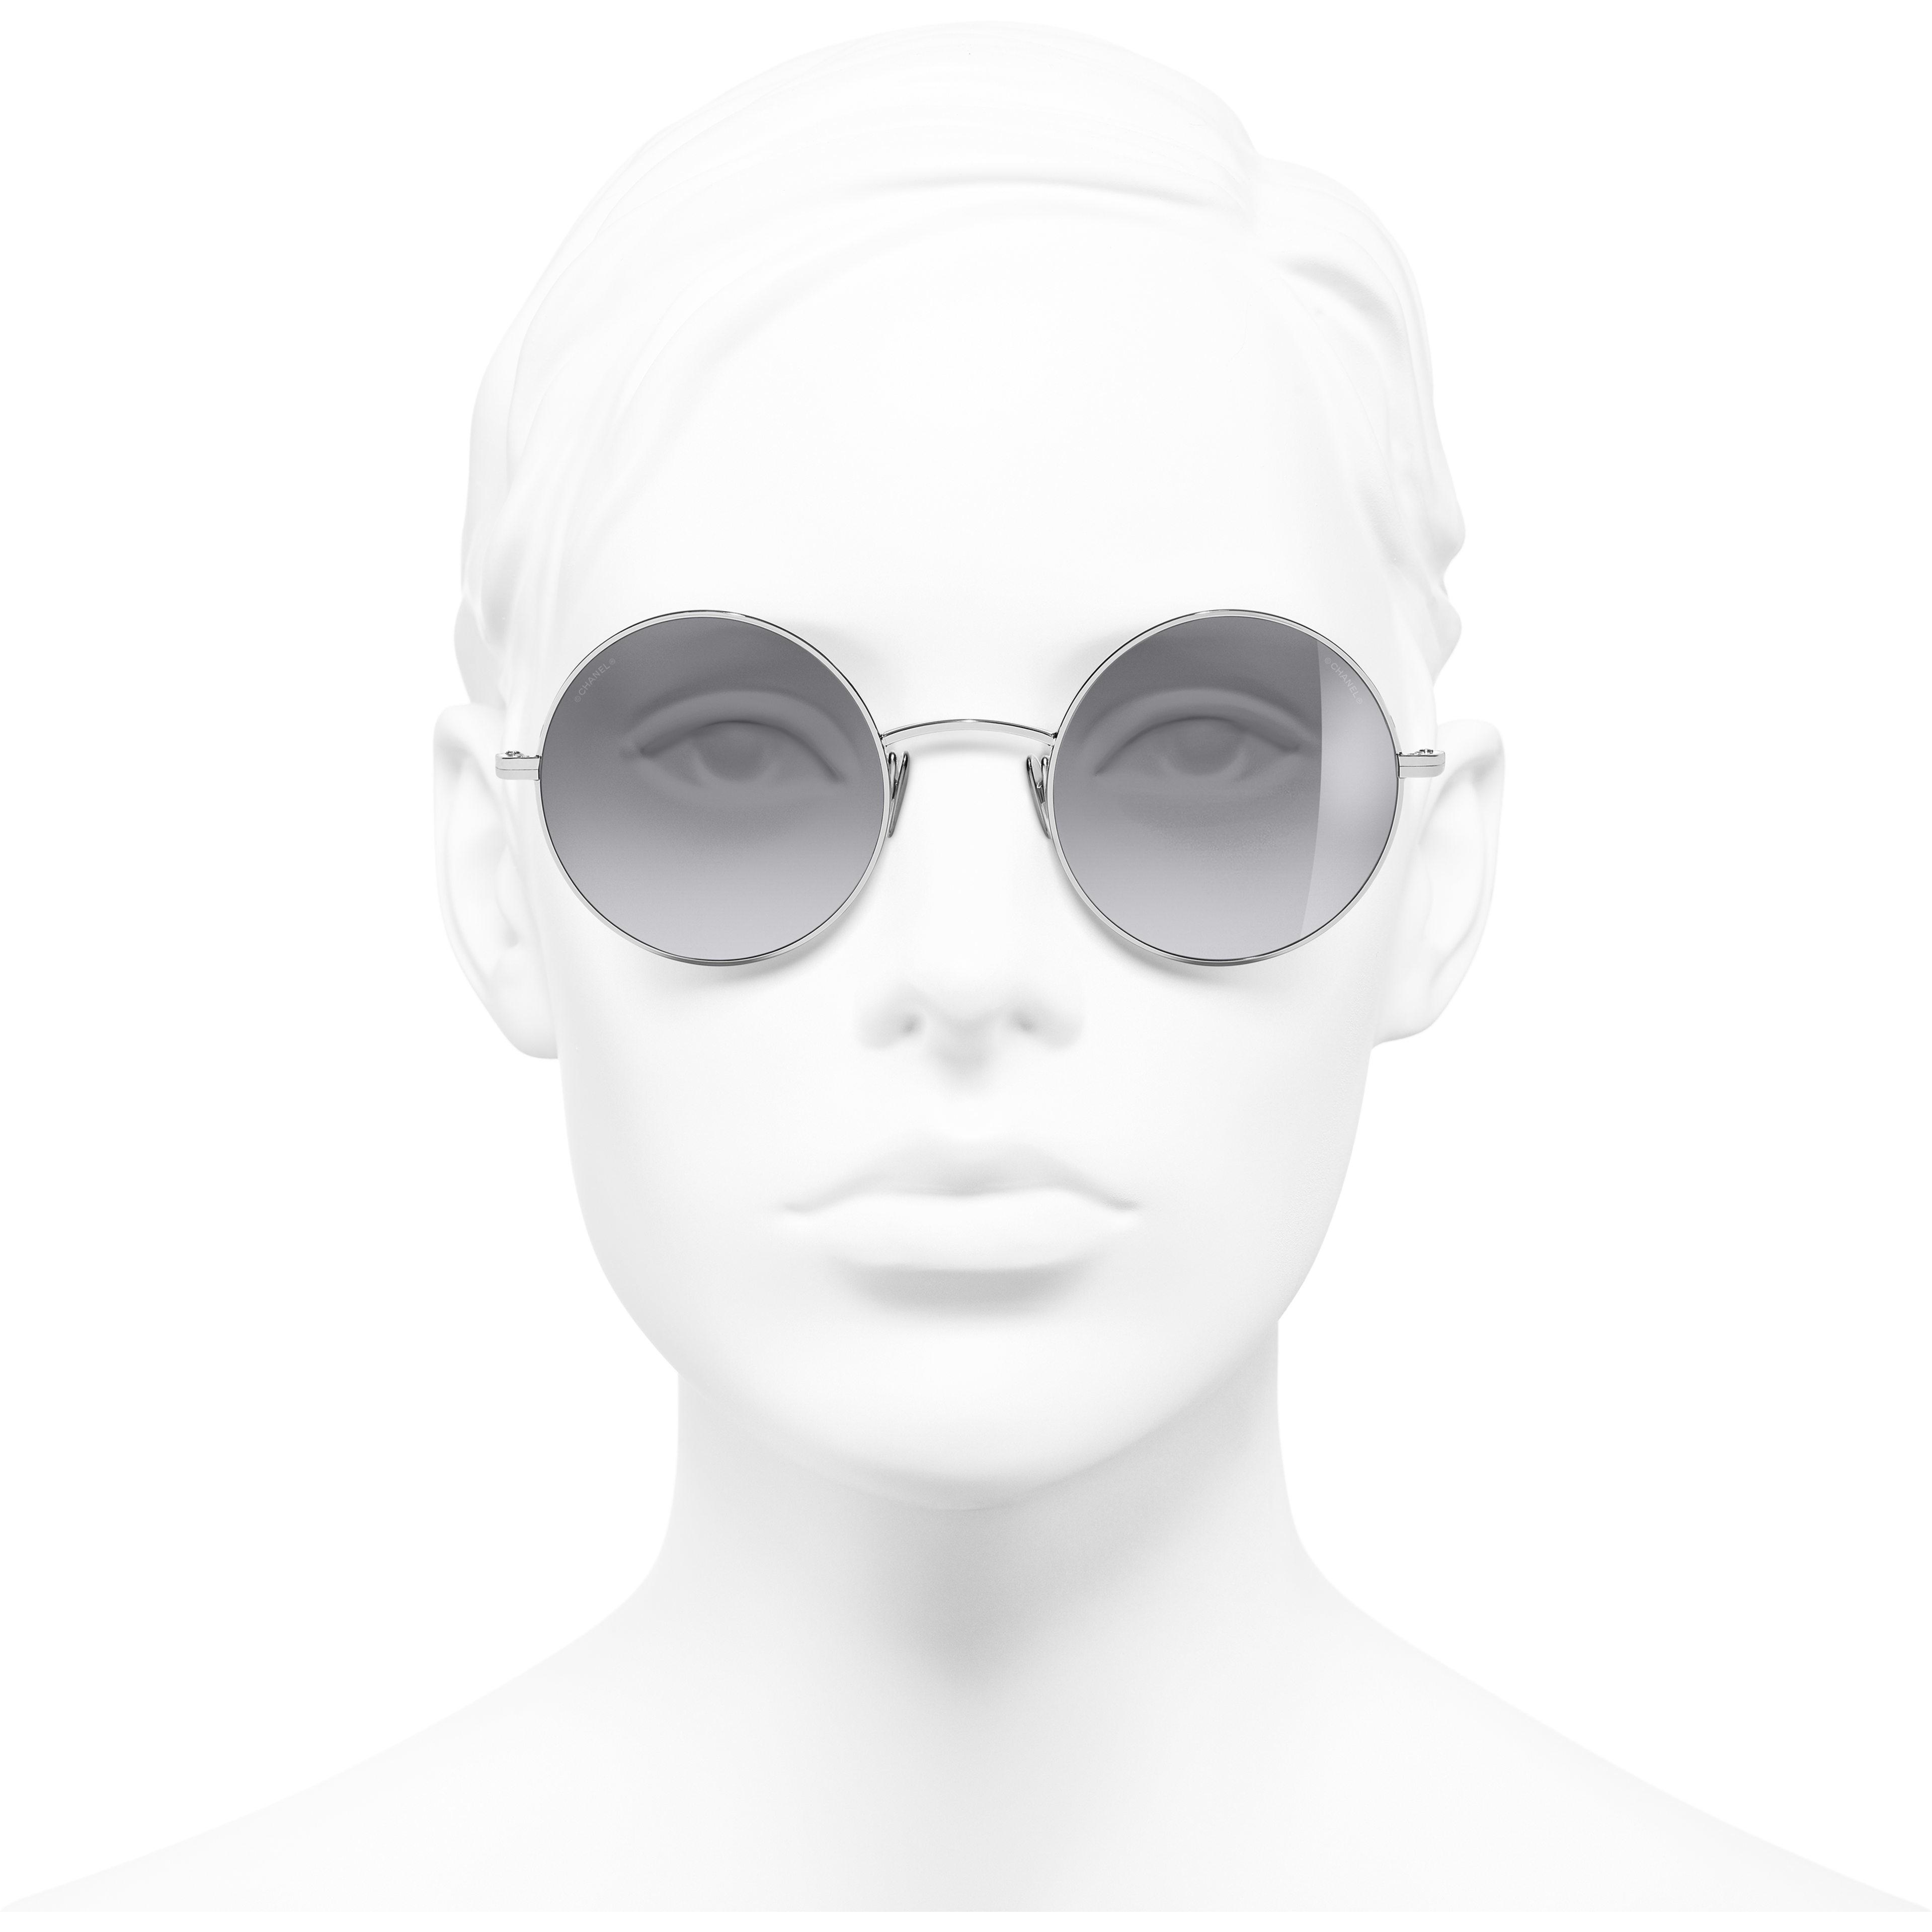 Okulary przeciwsłoneczne okrągłe - Kolor srebrny - Tytan - CHANEL - Widok od przodu – zobacz w standardowym rozmiarze